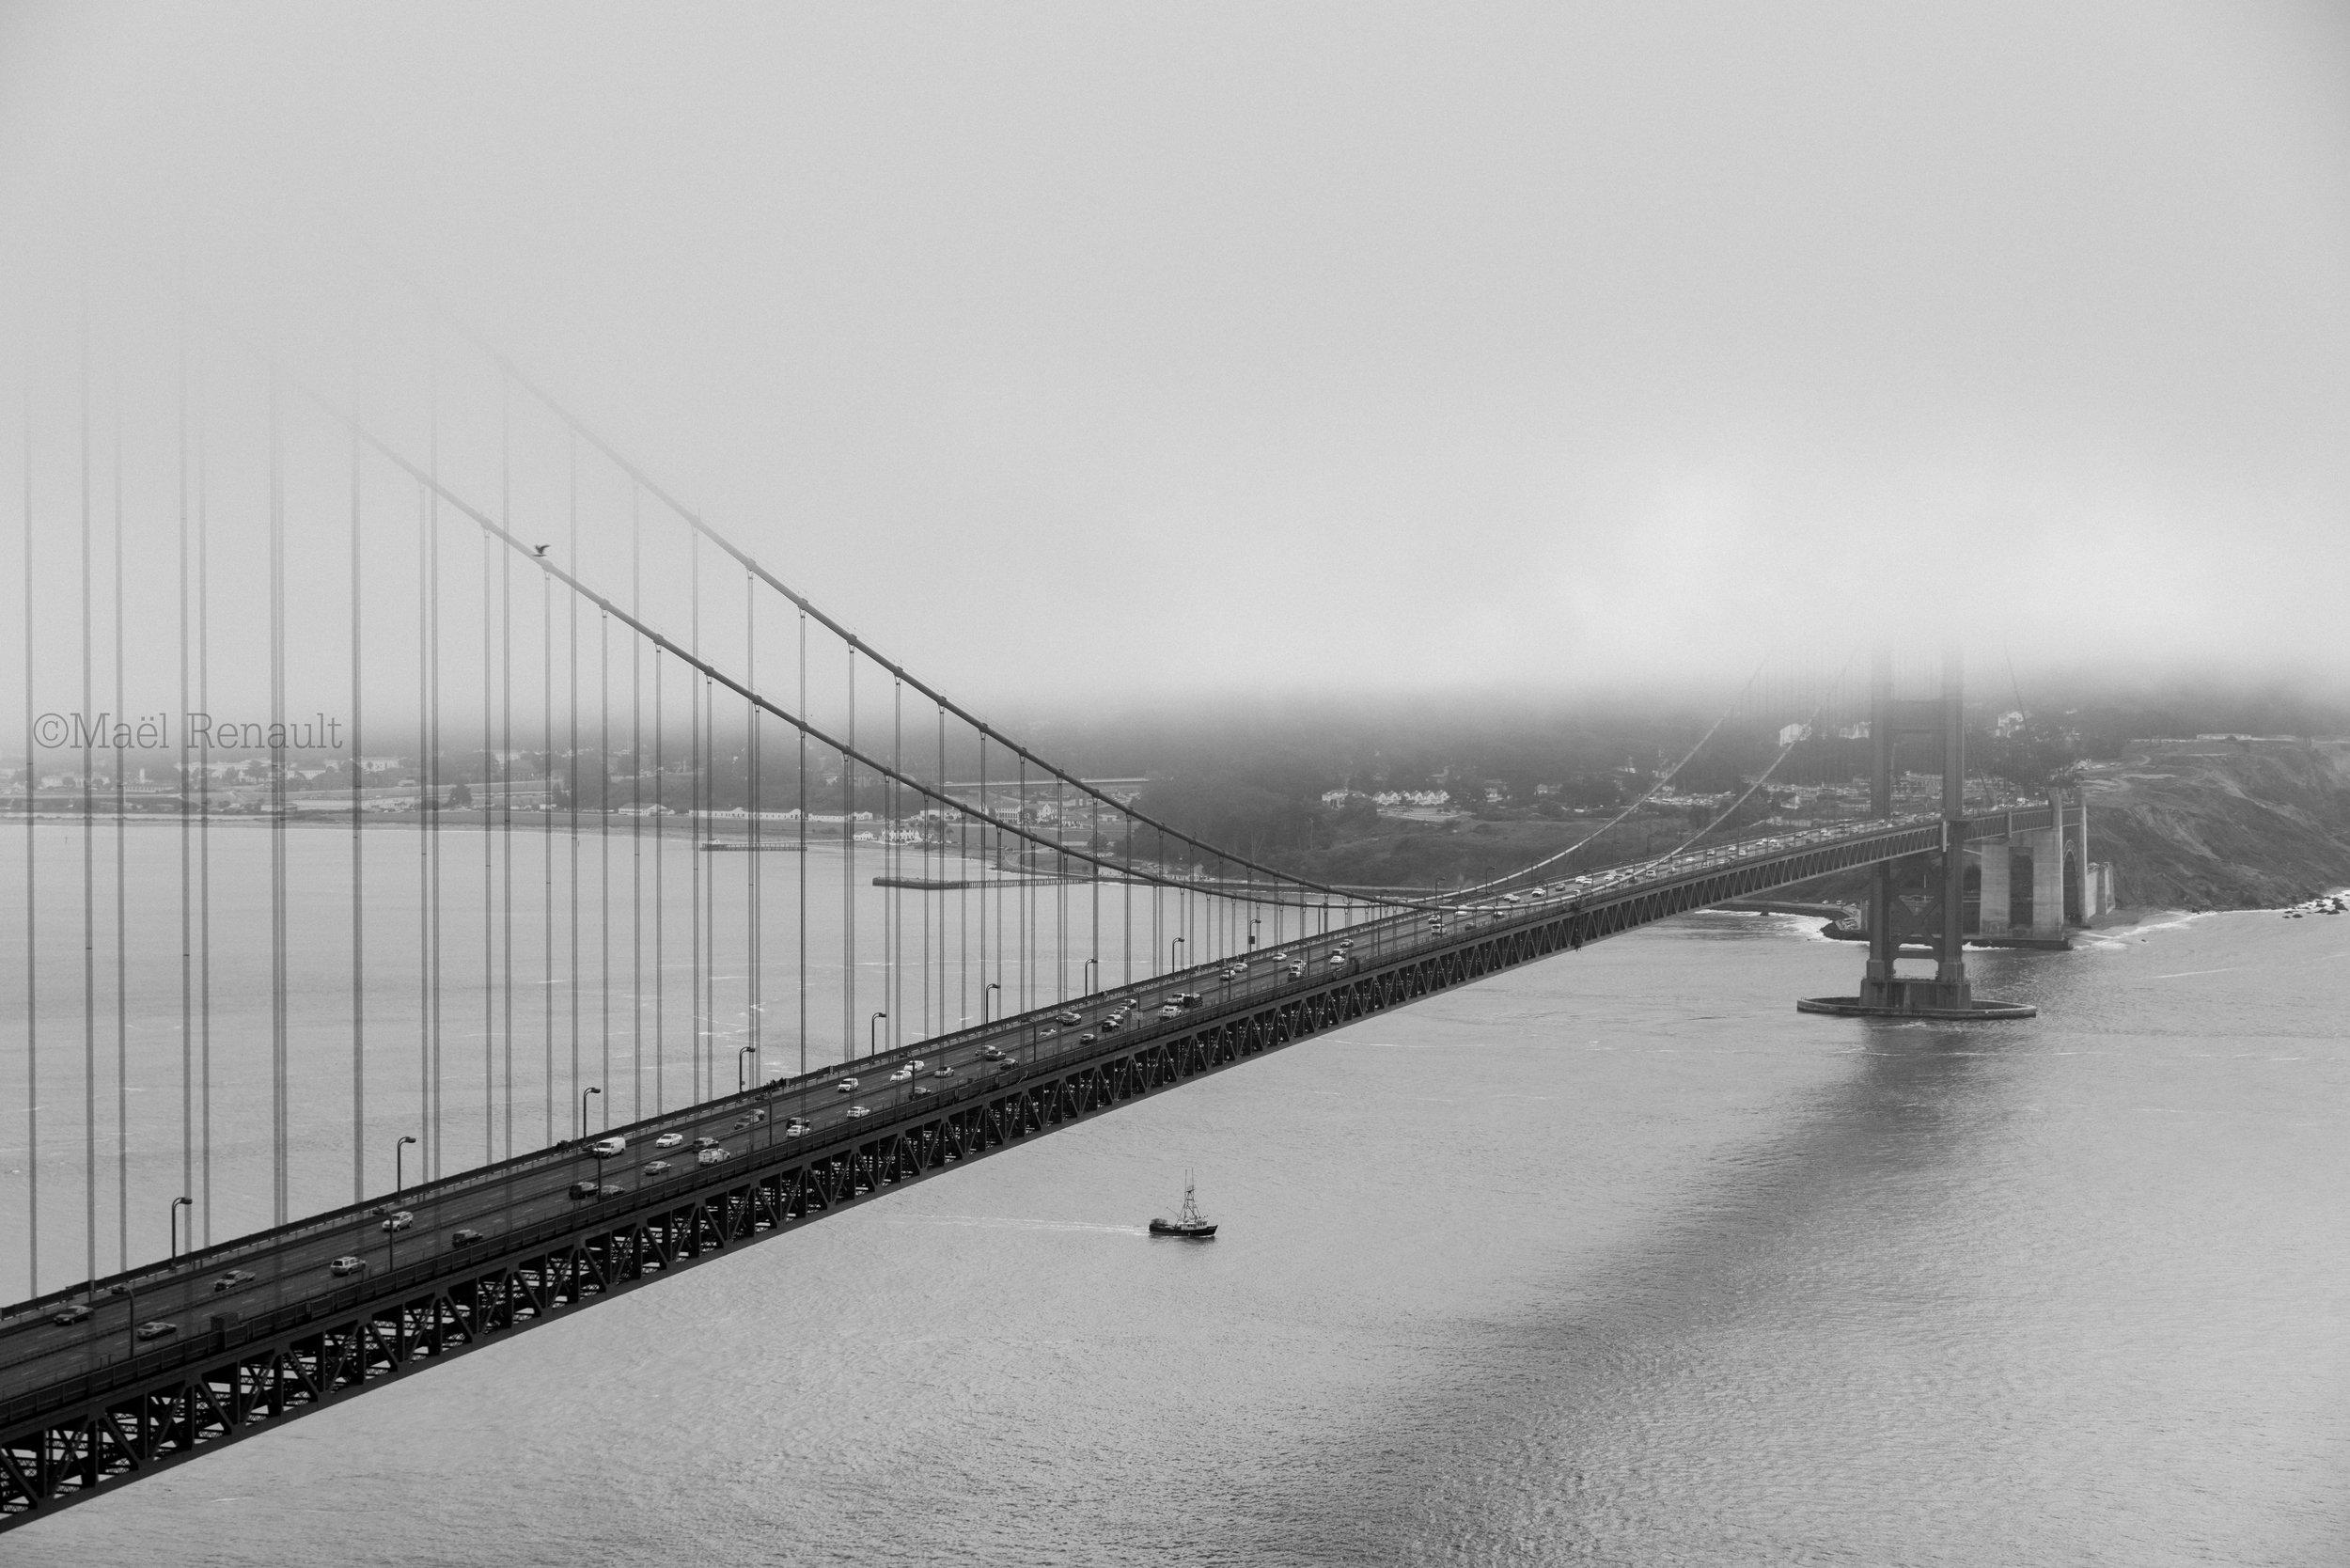 Golden gate Bridge / California